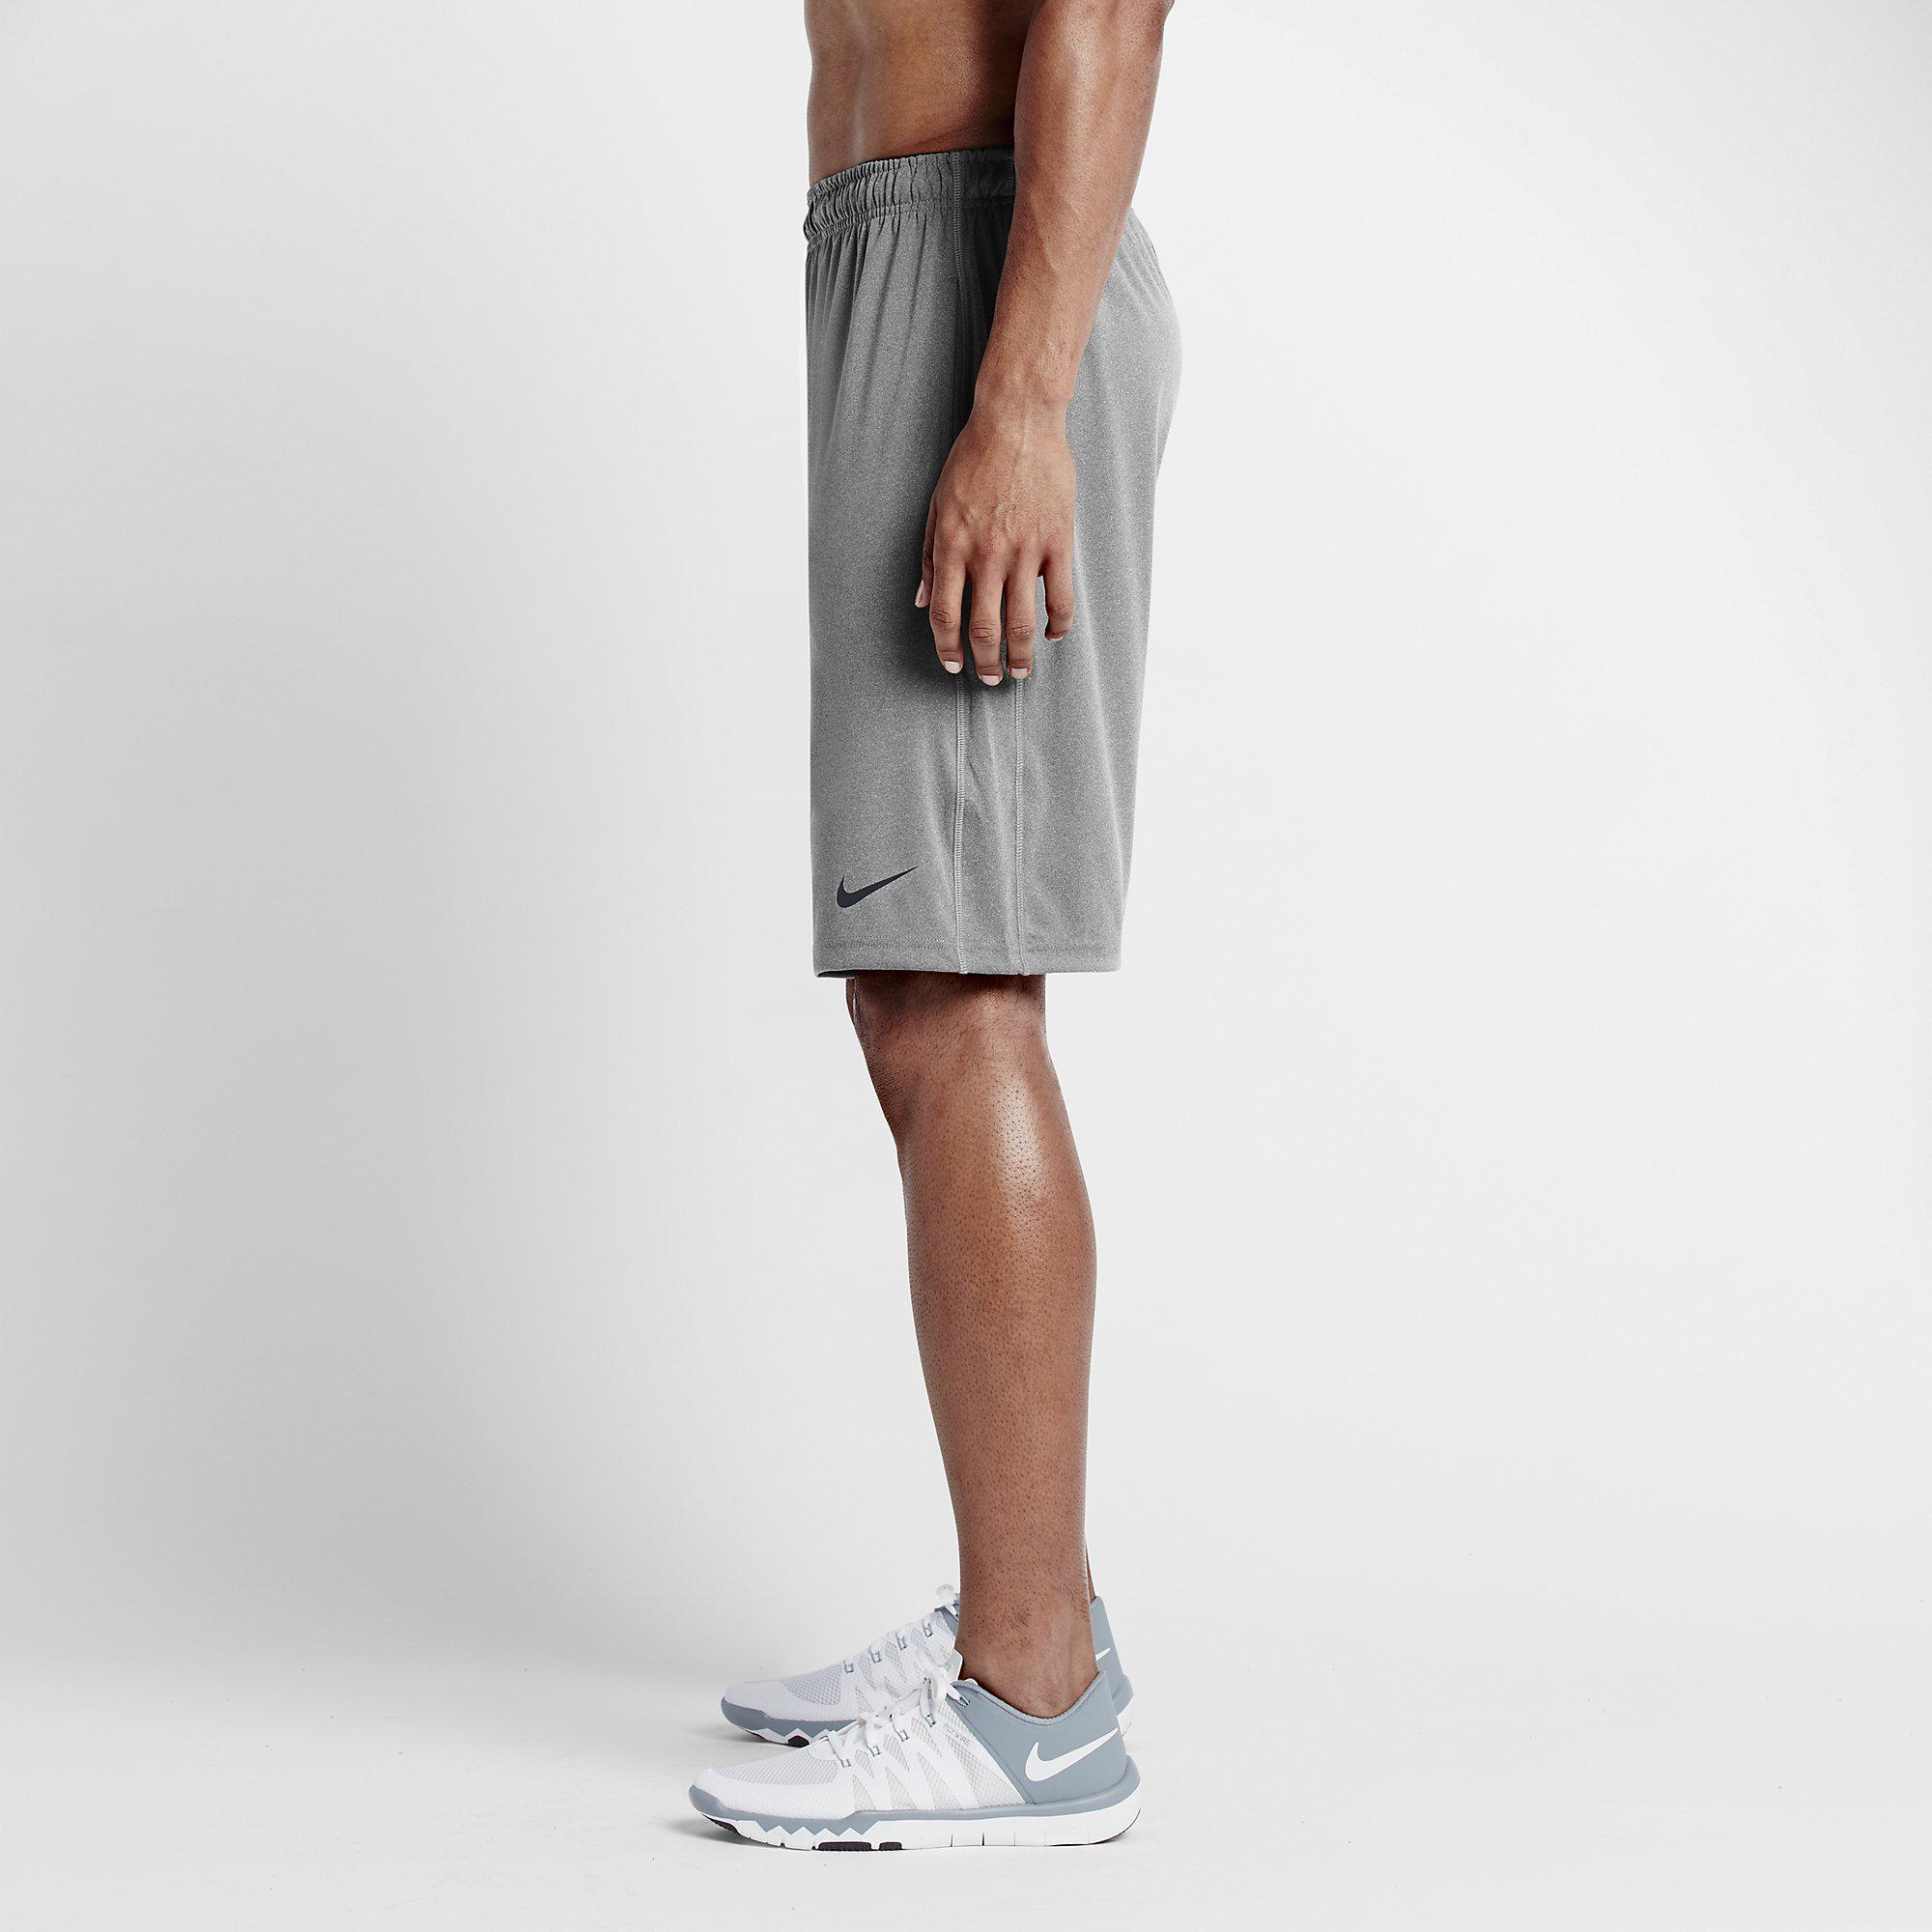 b2d9ad52f2438 Nike Mens 10